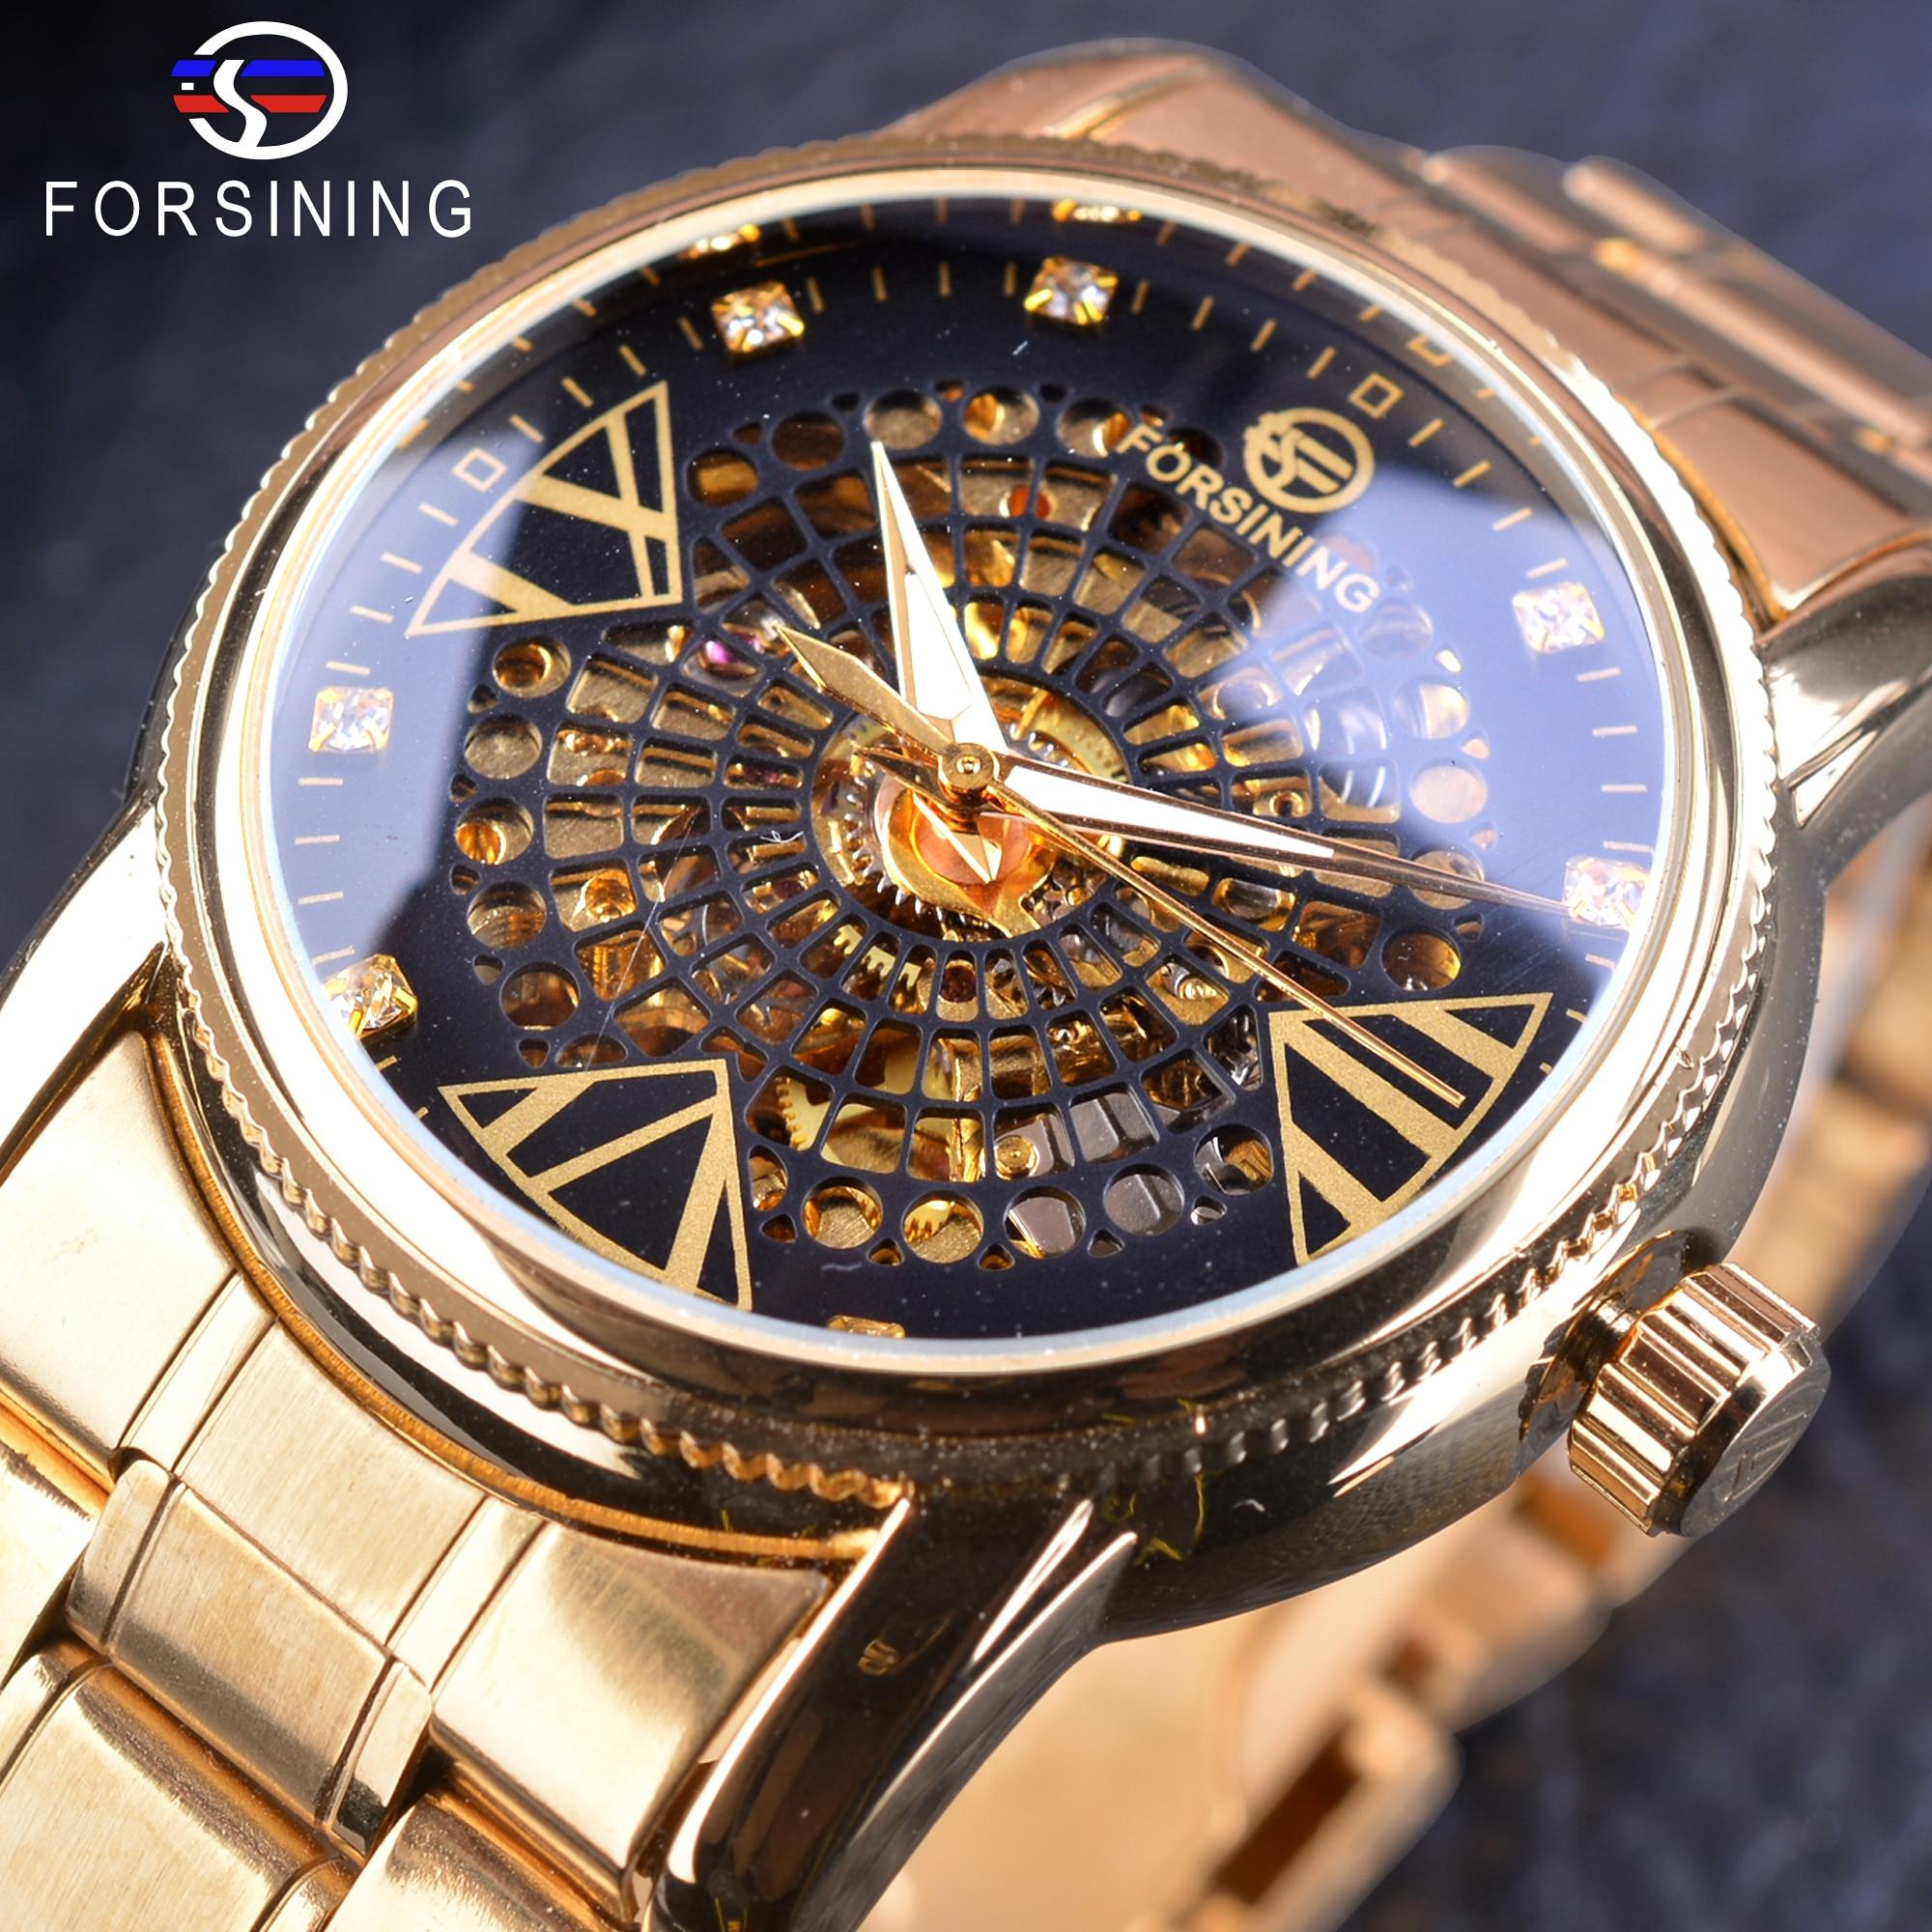 Forsining Mode Goldene Skeleton Diamant Display Männer Kreative Armbanduhr Top-marke Luxus Durchbrochene Mechanische Uhr Männliche Uhr